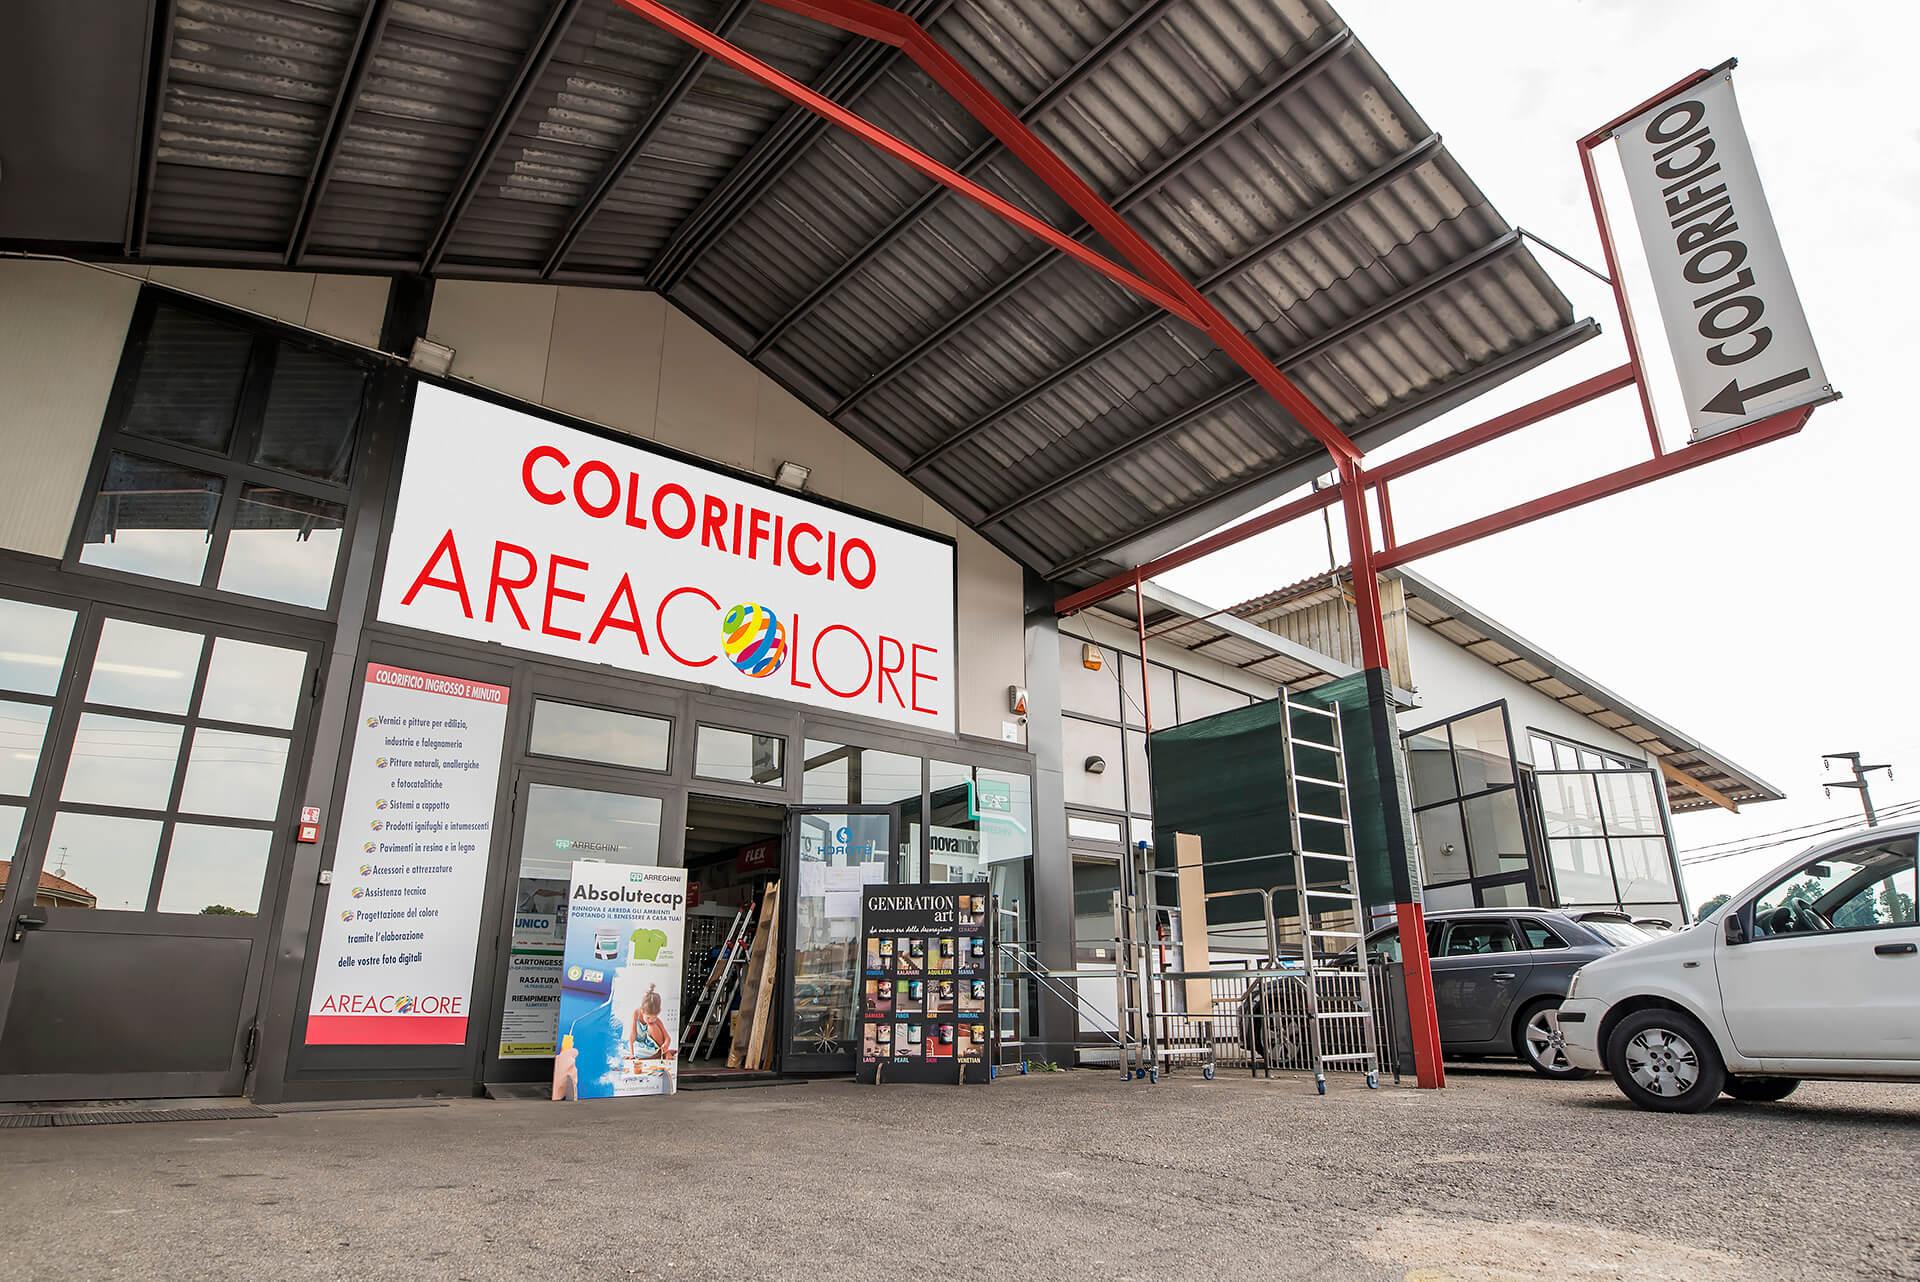 ingresso punto vendita del colorificio area colore a asti in corso ivrea